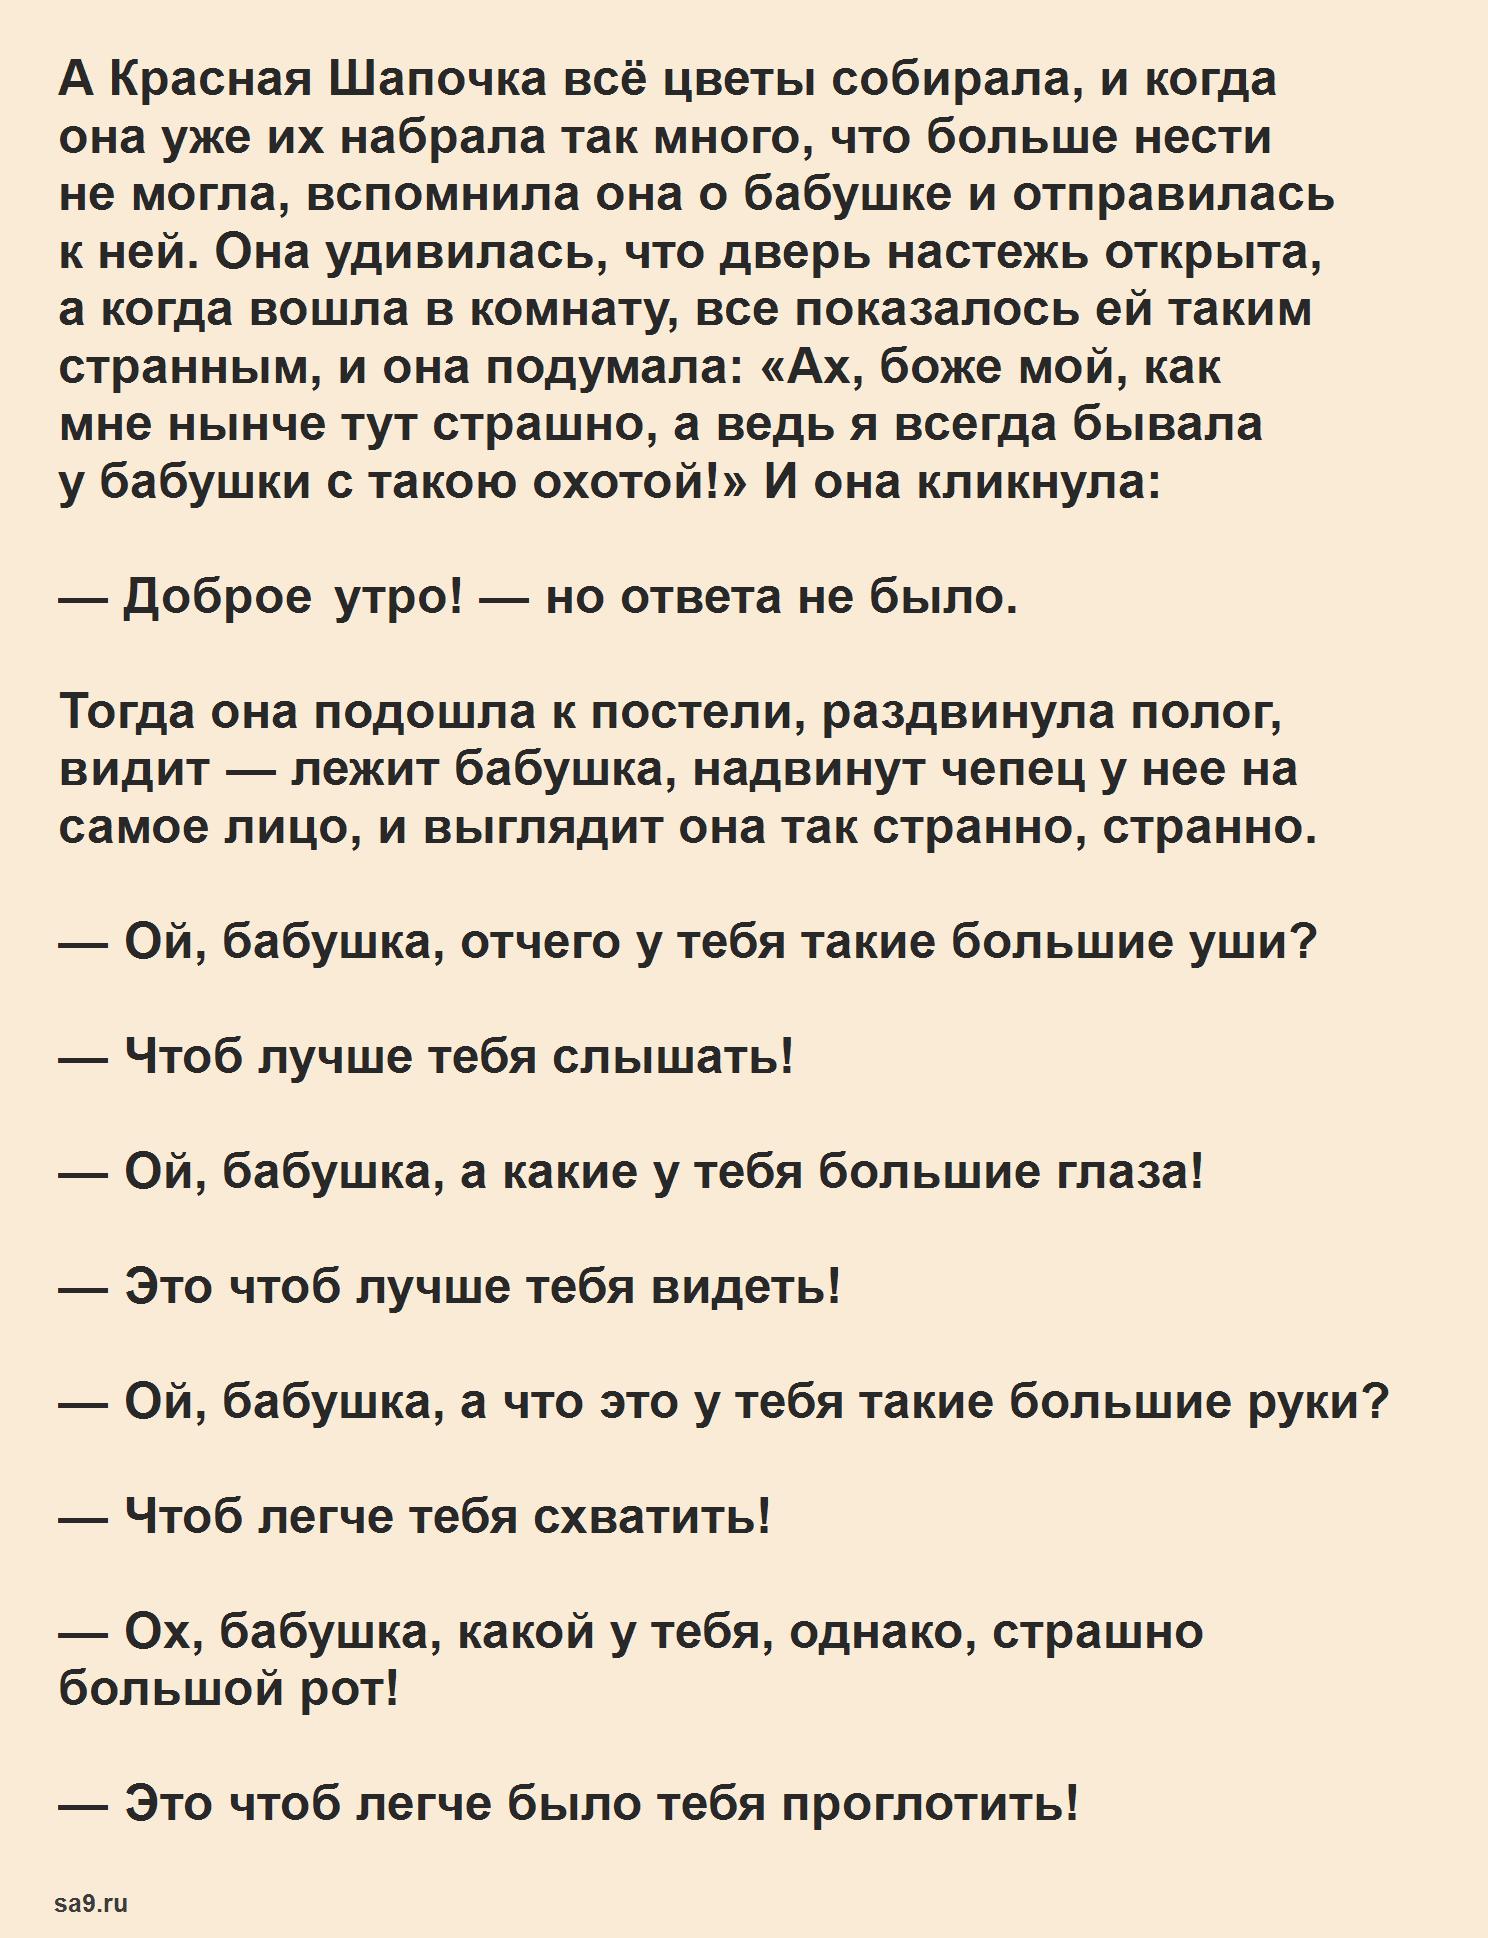 Сказка братьев Гримм – Красная шапочка, читать онлайн бесплатно